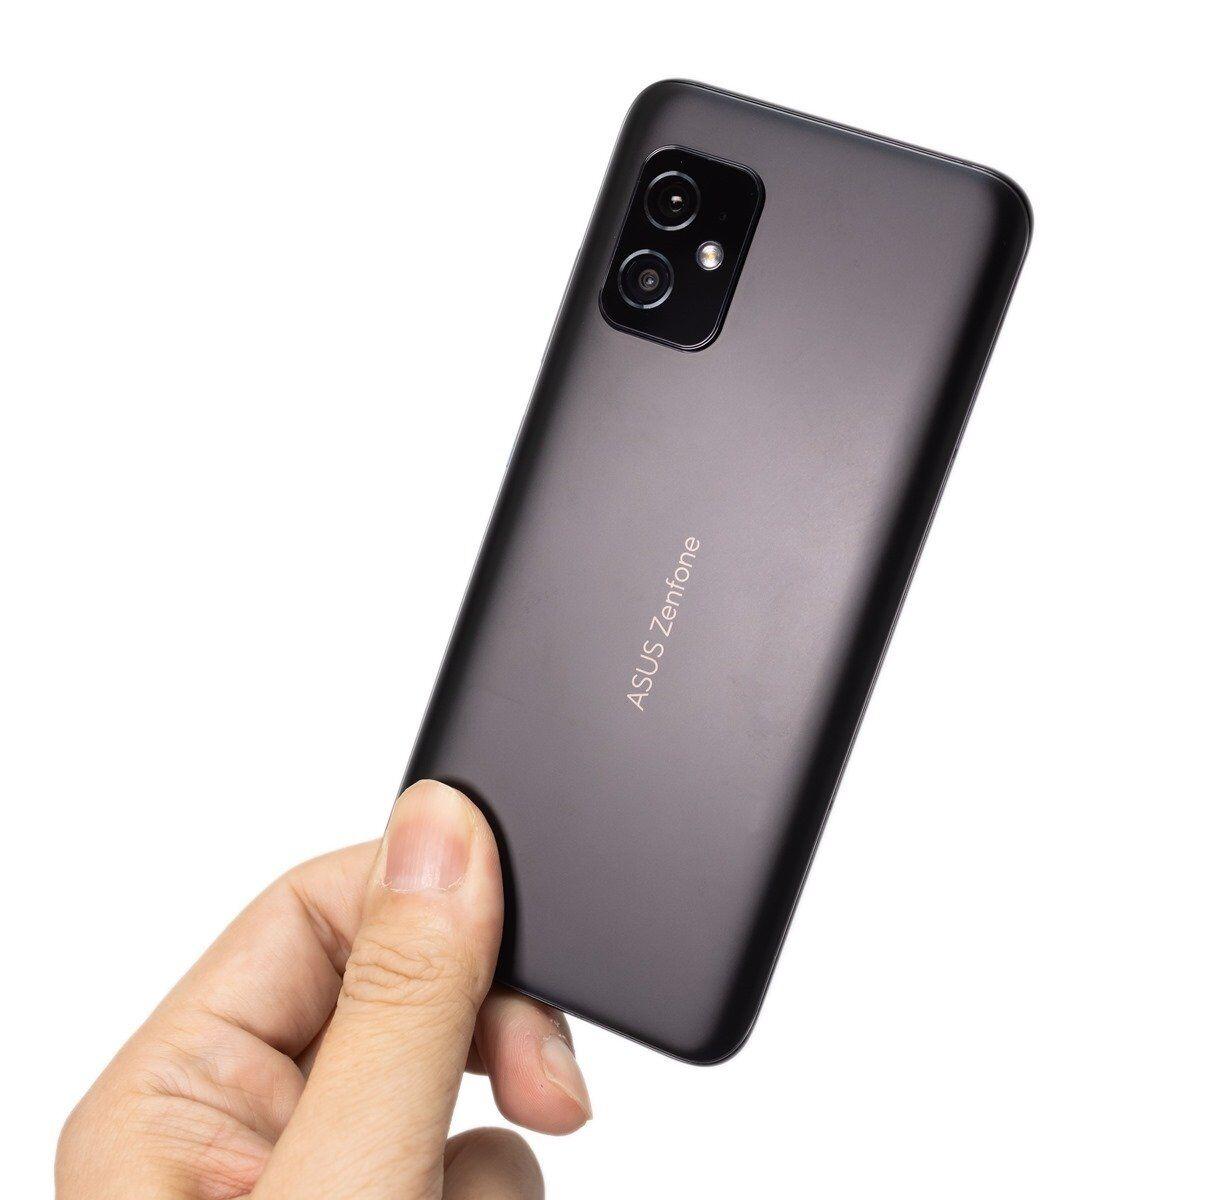 剛好!更好!最強輕巧旗艦機 Zenfone 8 完整開箱評測 + Zenfone 8 / Zenfone 8 Flip 怎麼選? @3C 達人廖阿輝